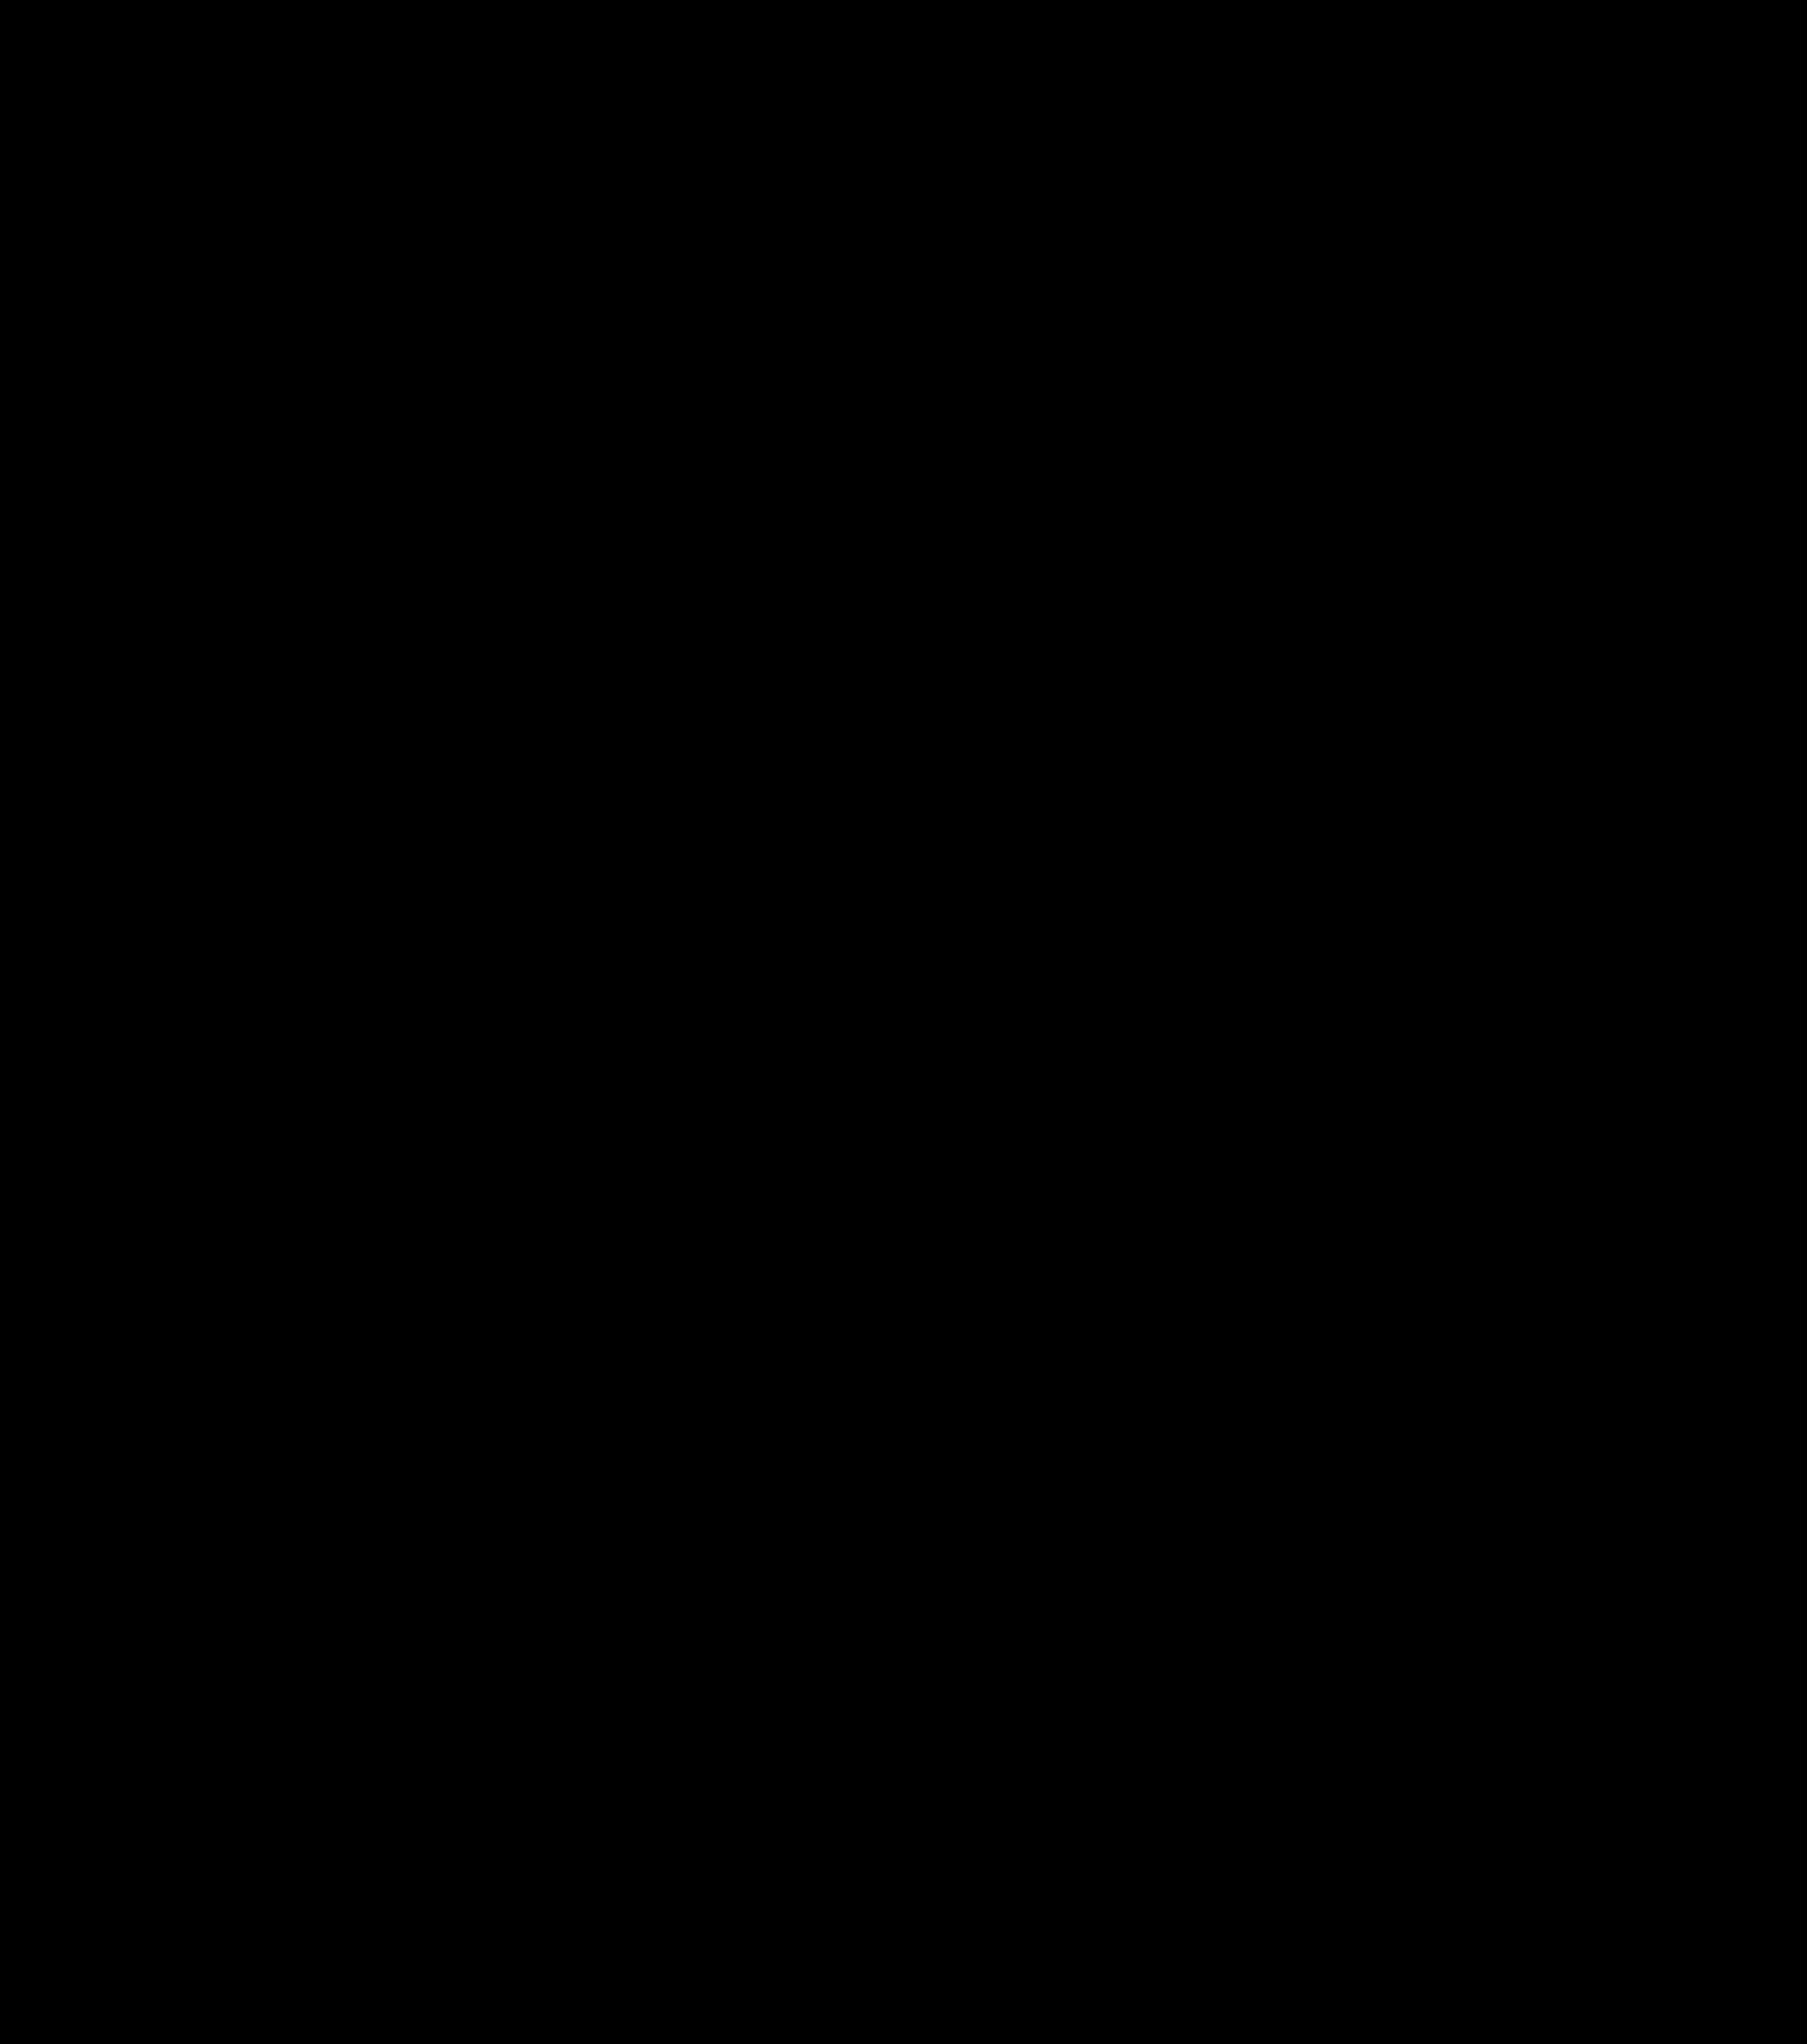 SABO 43-A-ECONOMY